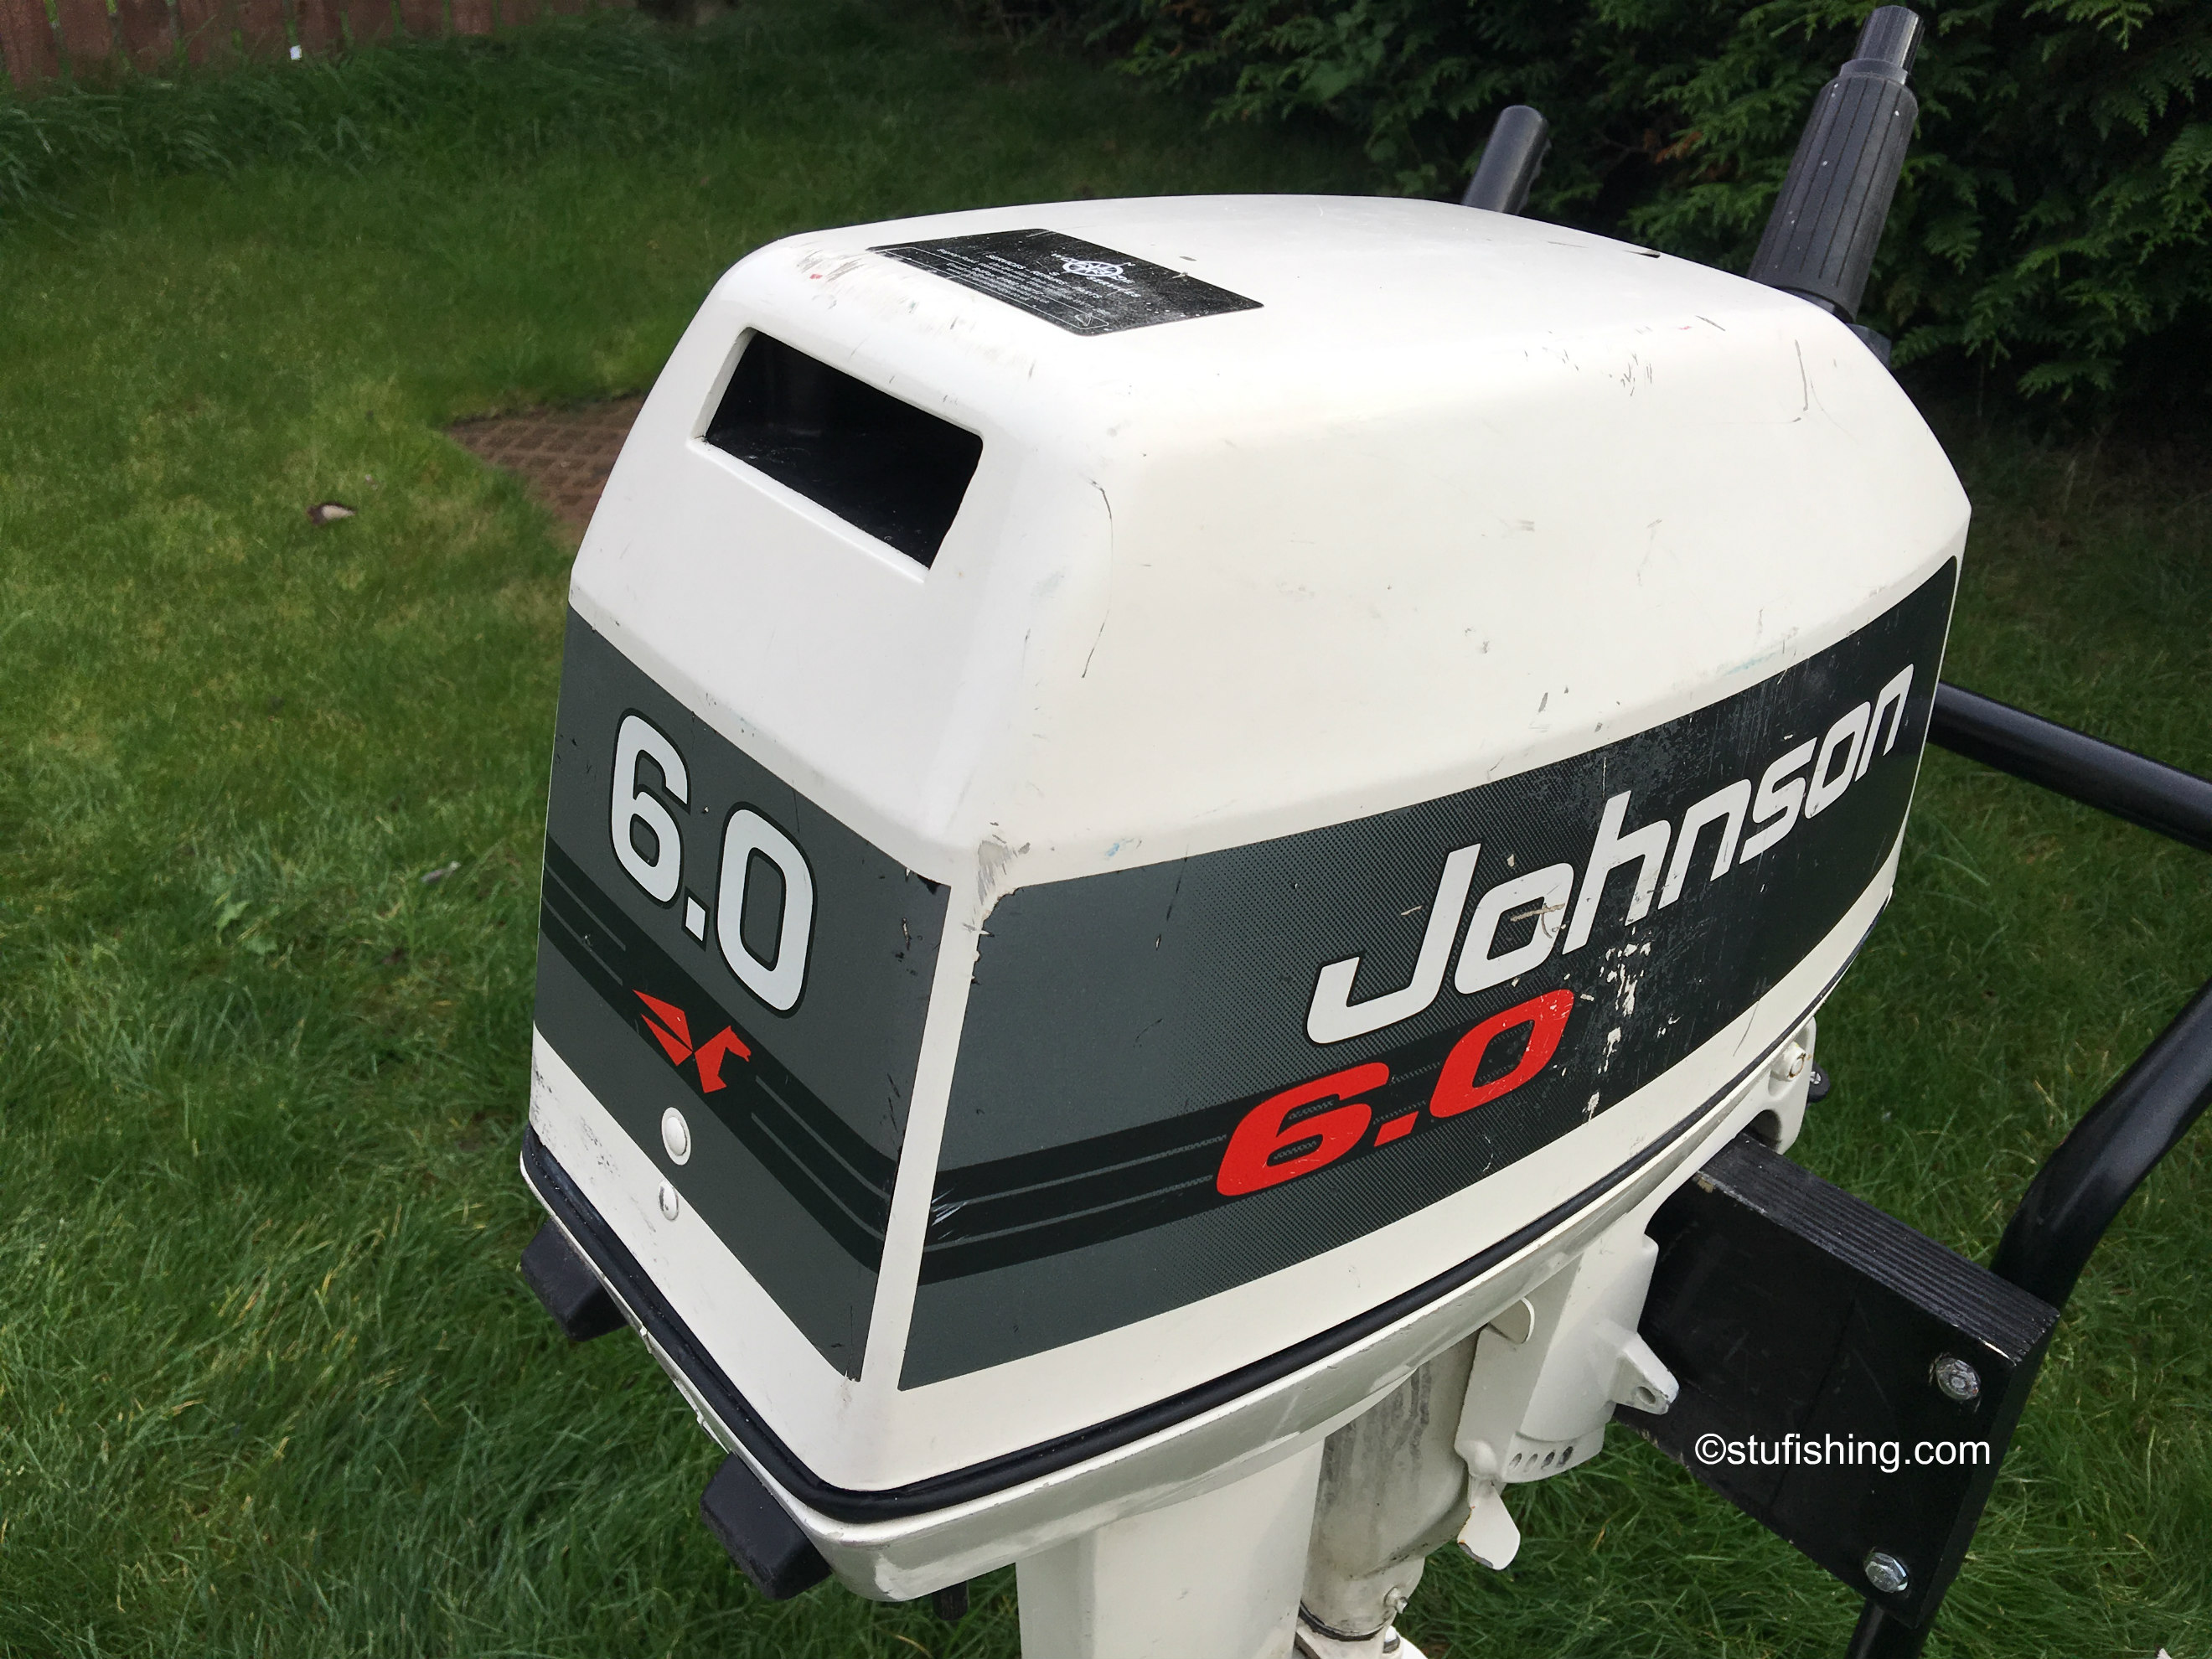 Johnson Outboard Motor 6hp 2 Stroke